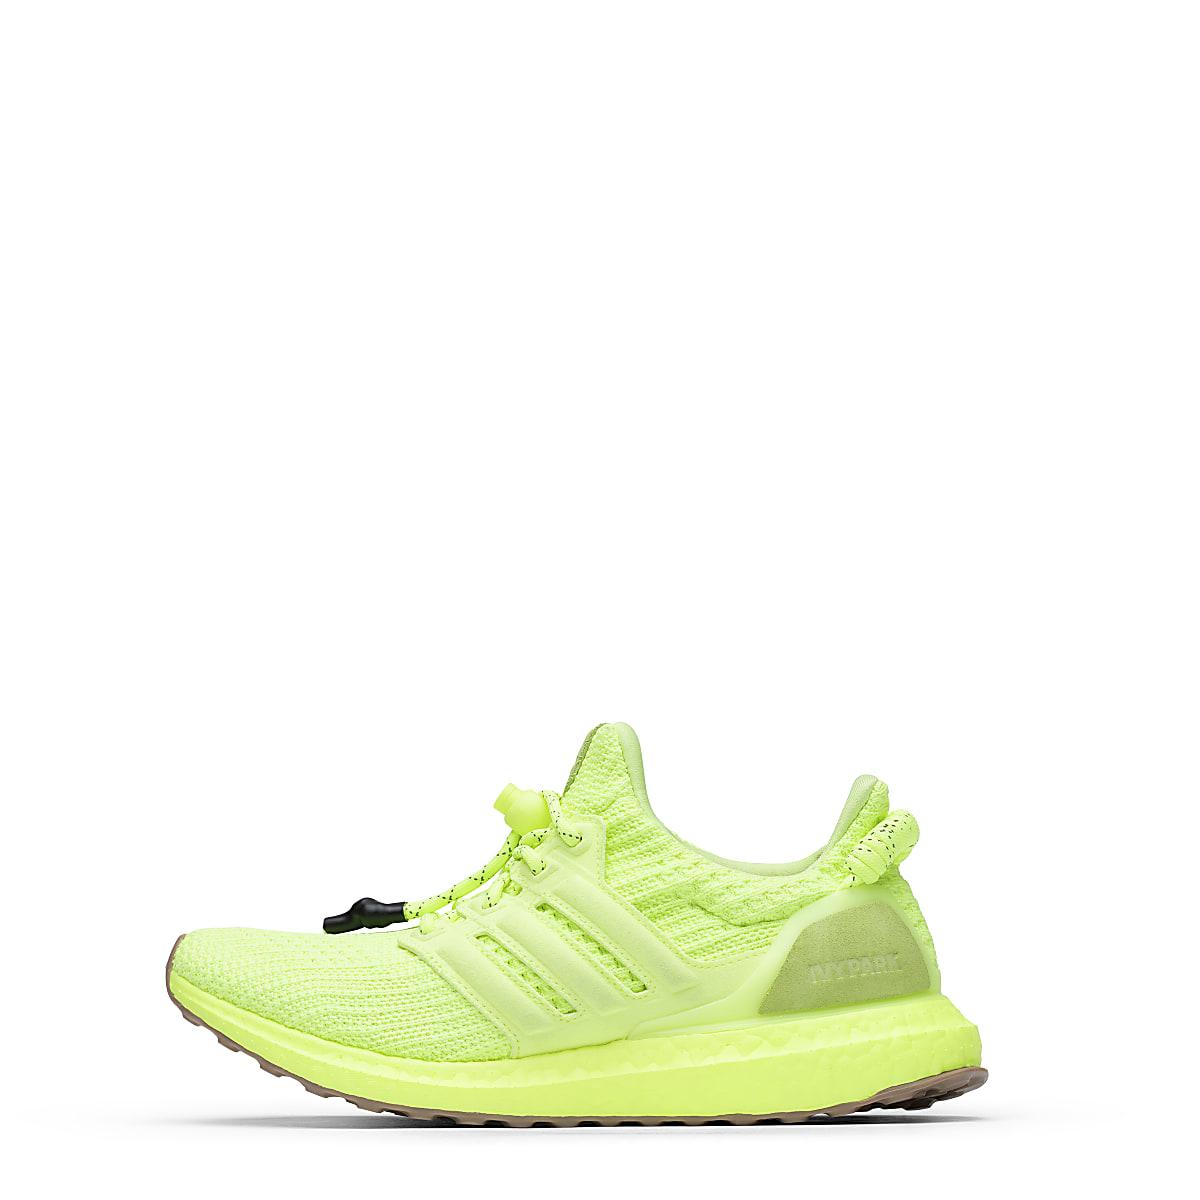 Ultraboost OG Shoes